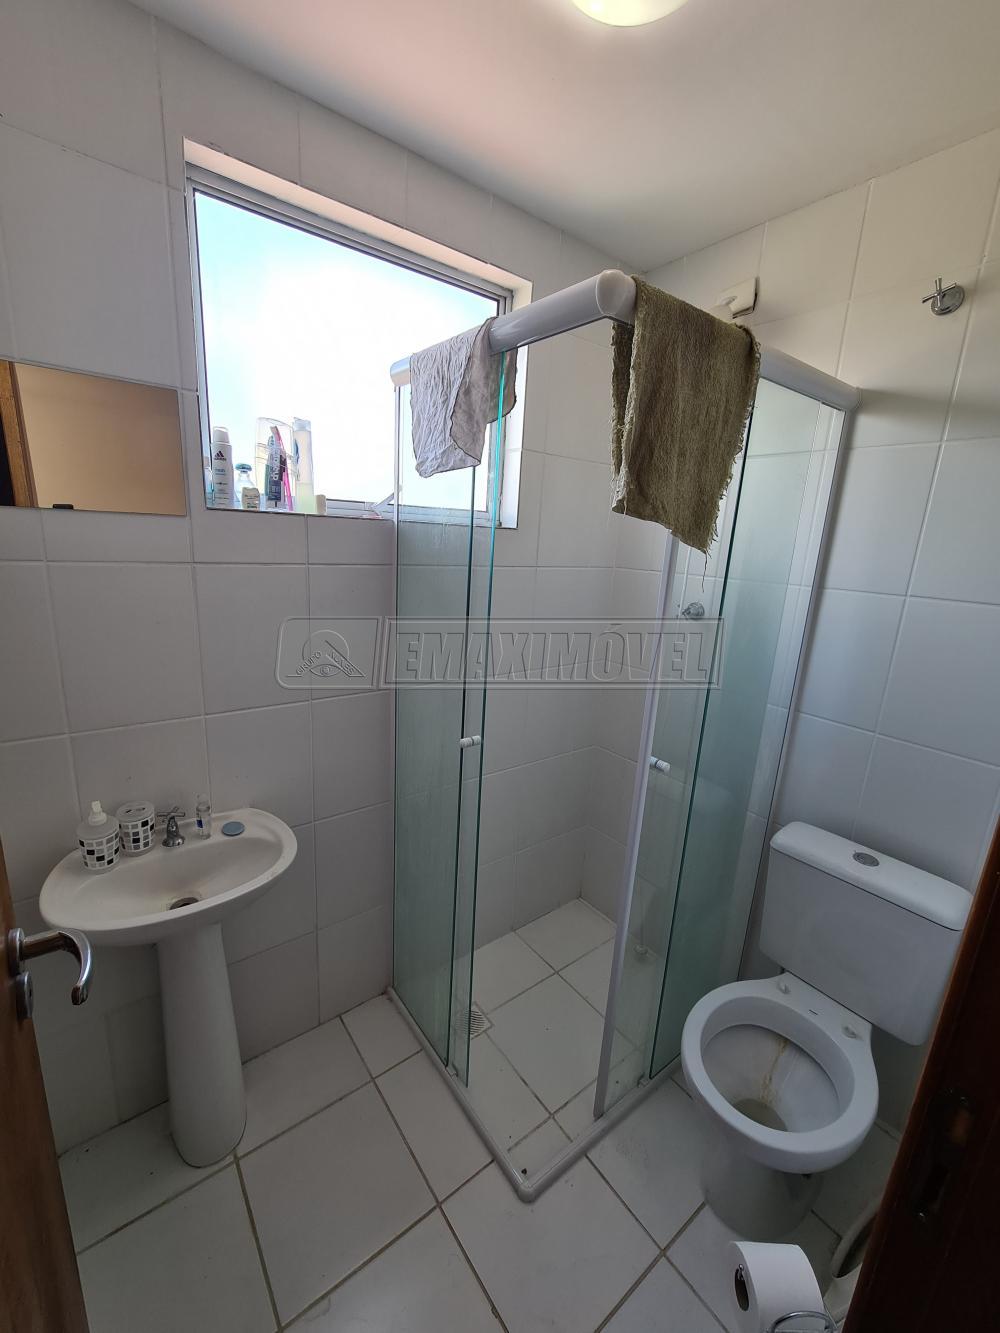 Alugar Apartamento / Padrão em Sorocaba R$ 750,00 - Foto 6